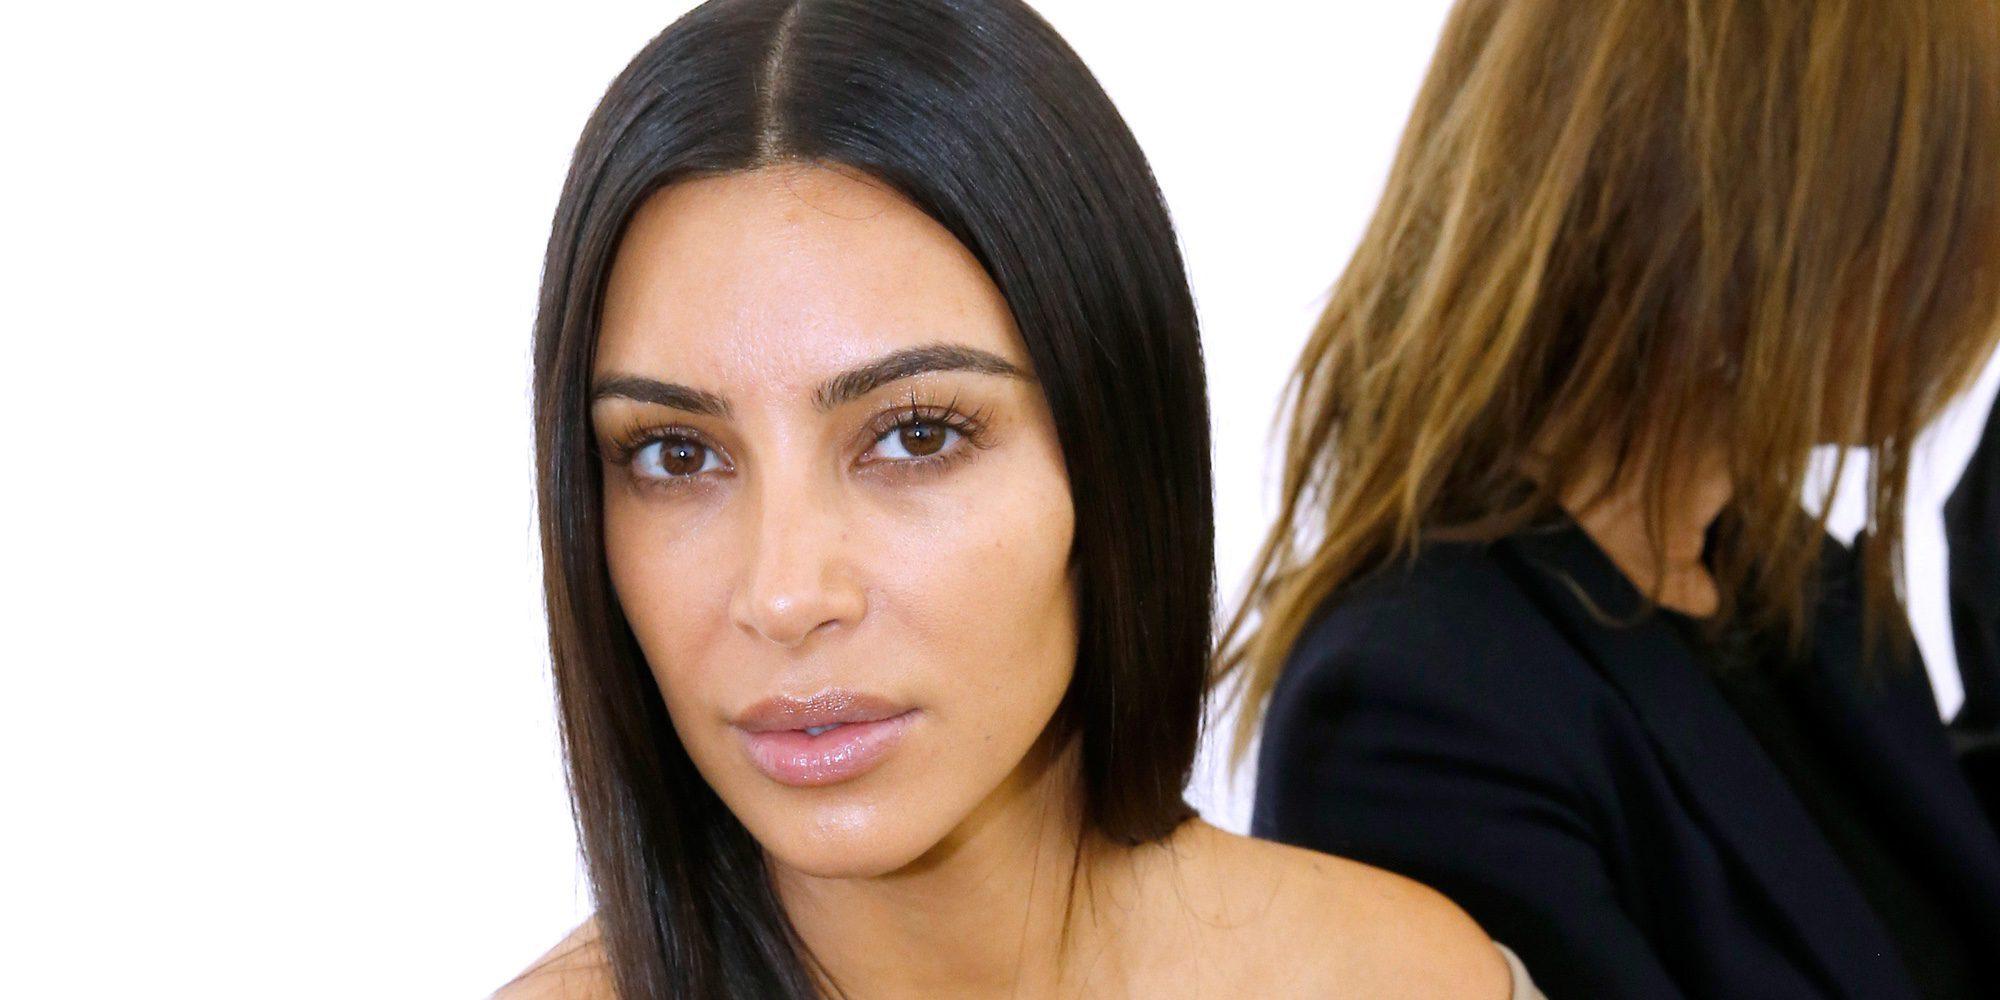 Kim Kardashian confirma por fin que va a tener un tercer hijo junto a Kanye West